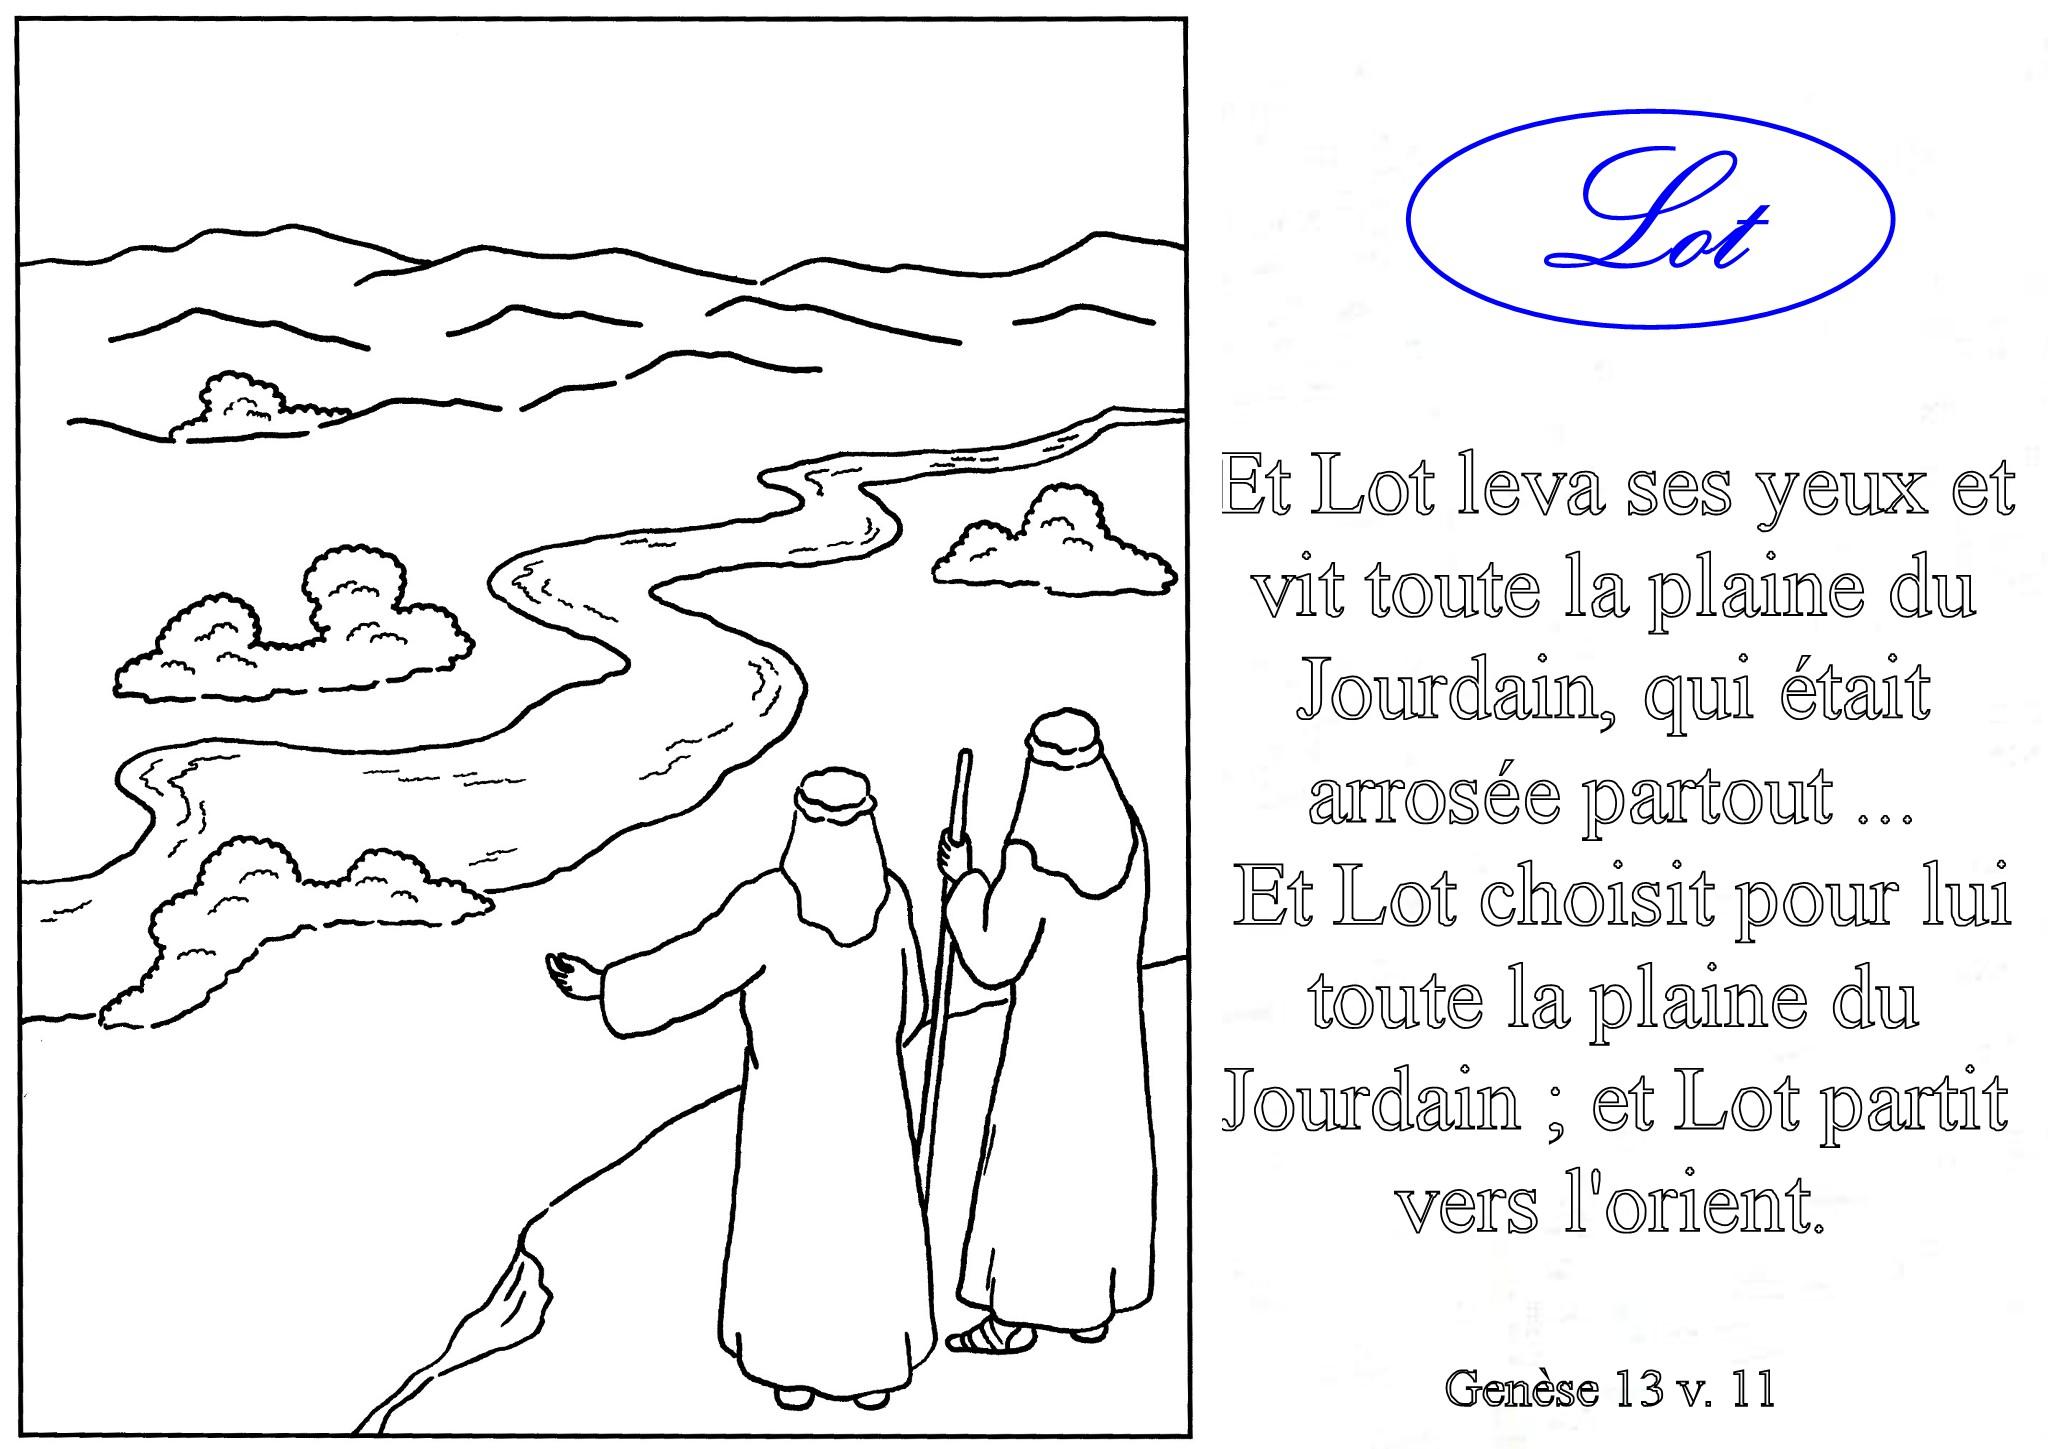 Et Lot leva ses yeux et vit toute la plaine du Jourdain qui était arrosée partout Et Lot choisit pour lui toute la plaine du Jourdain et Lot partit